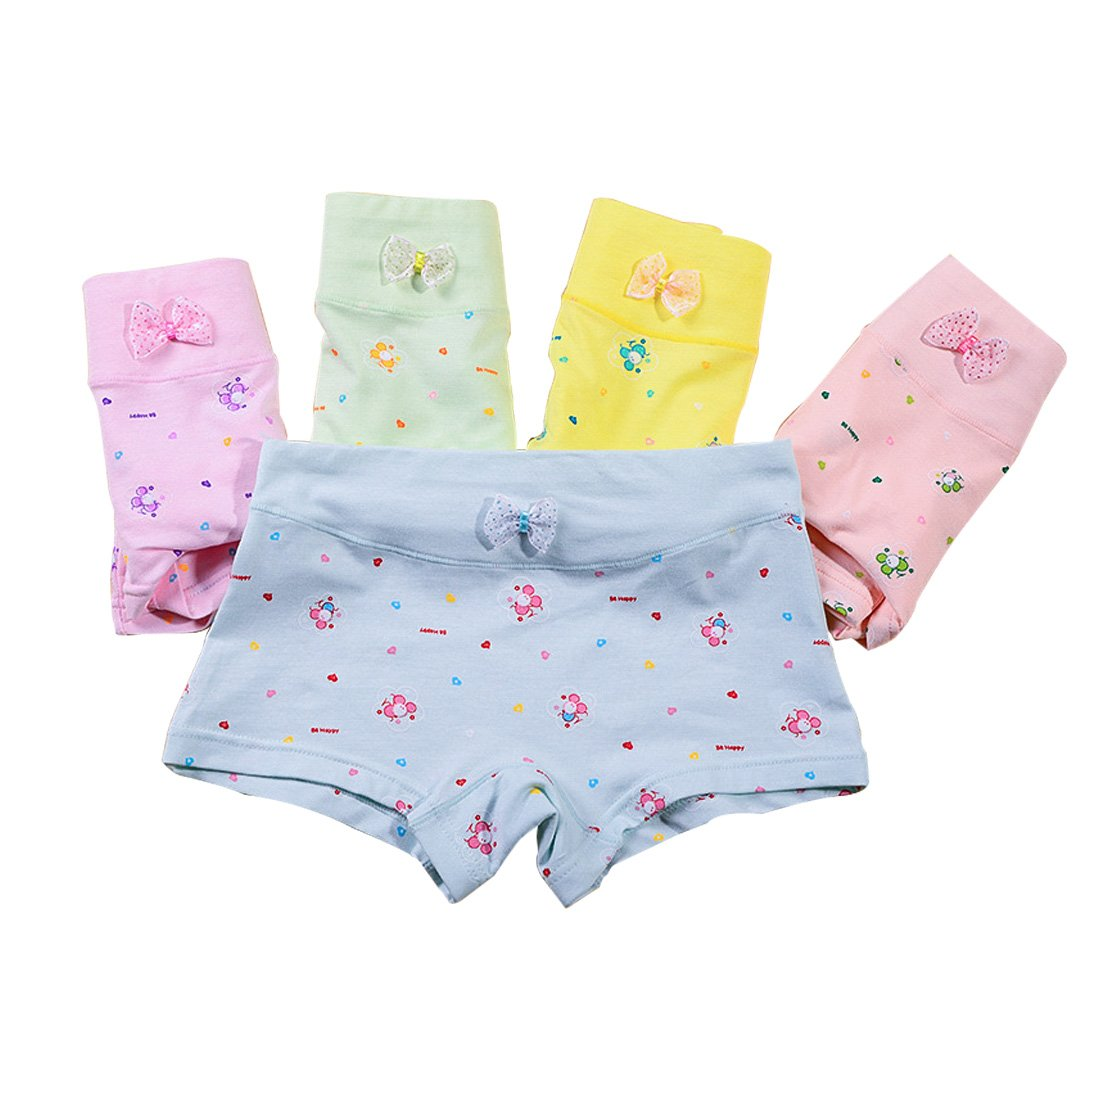 Copapa 5 Packs Girls Pants Printing Brief for 5-7 Years (Bee)